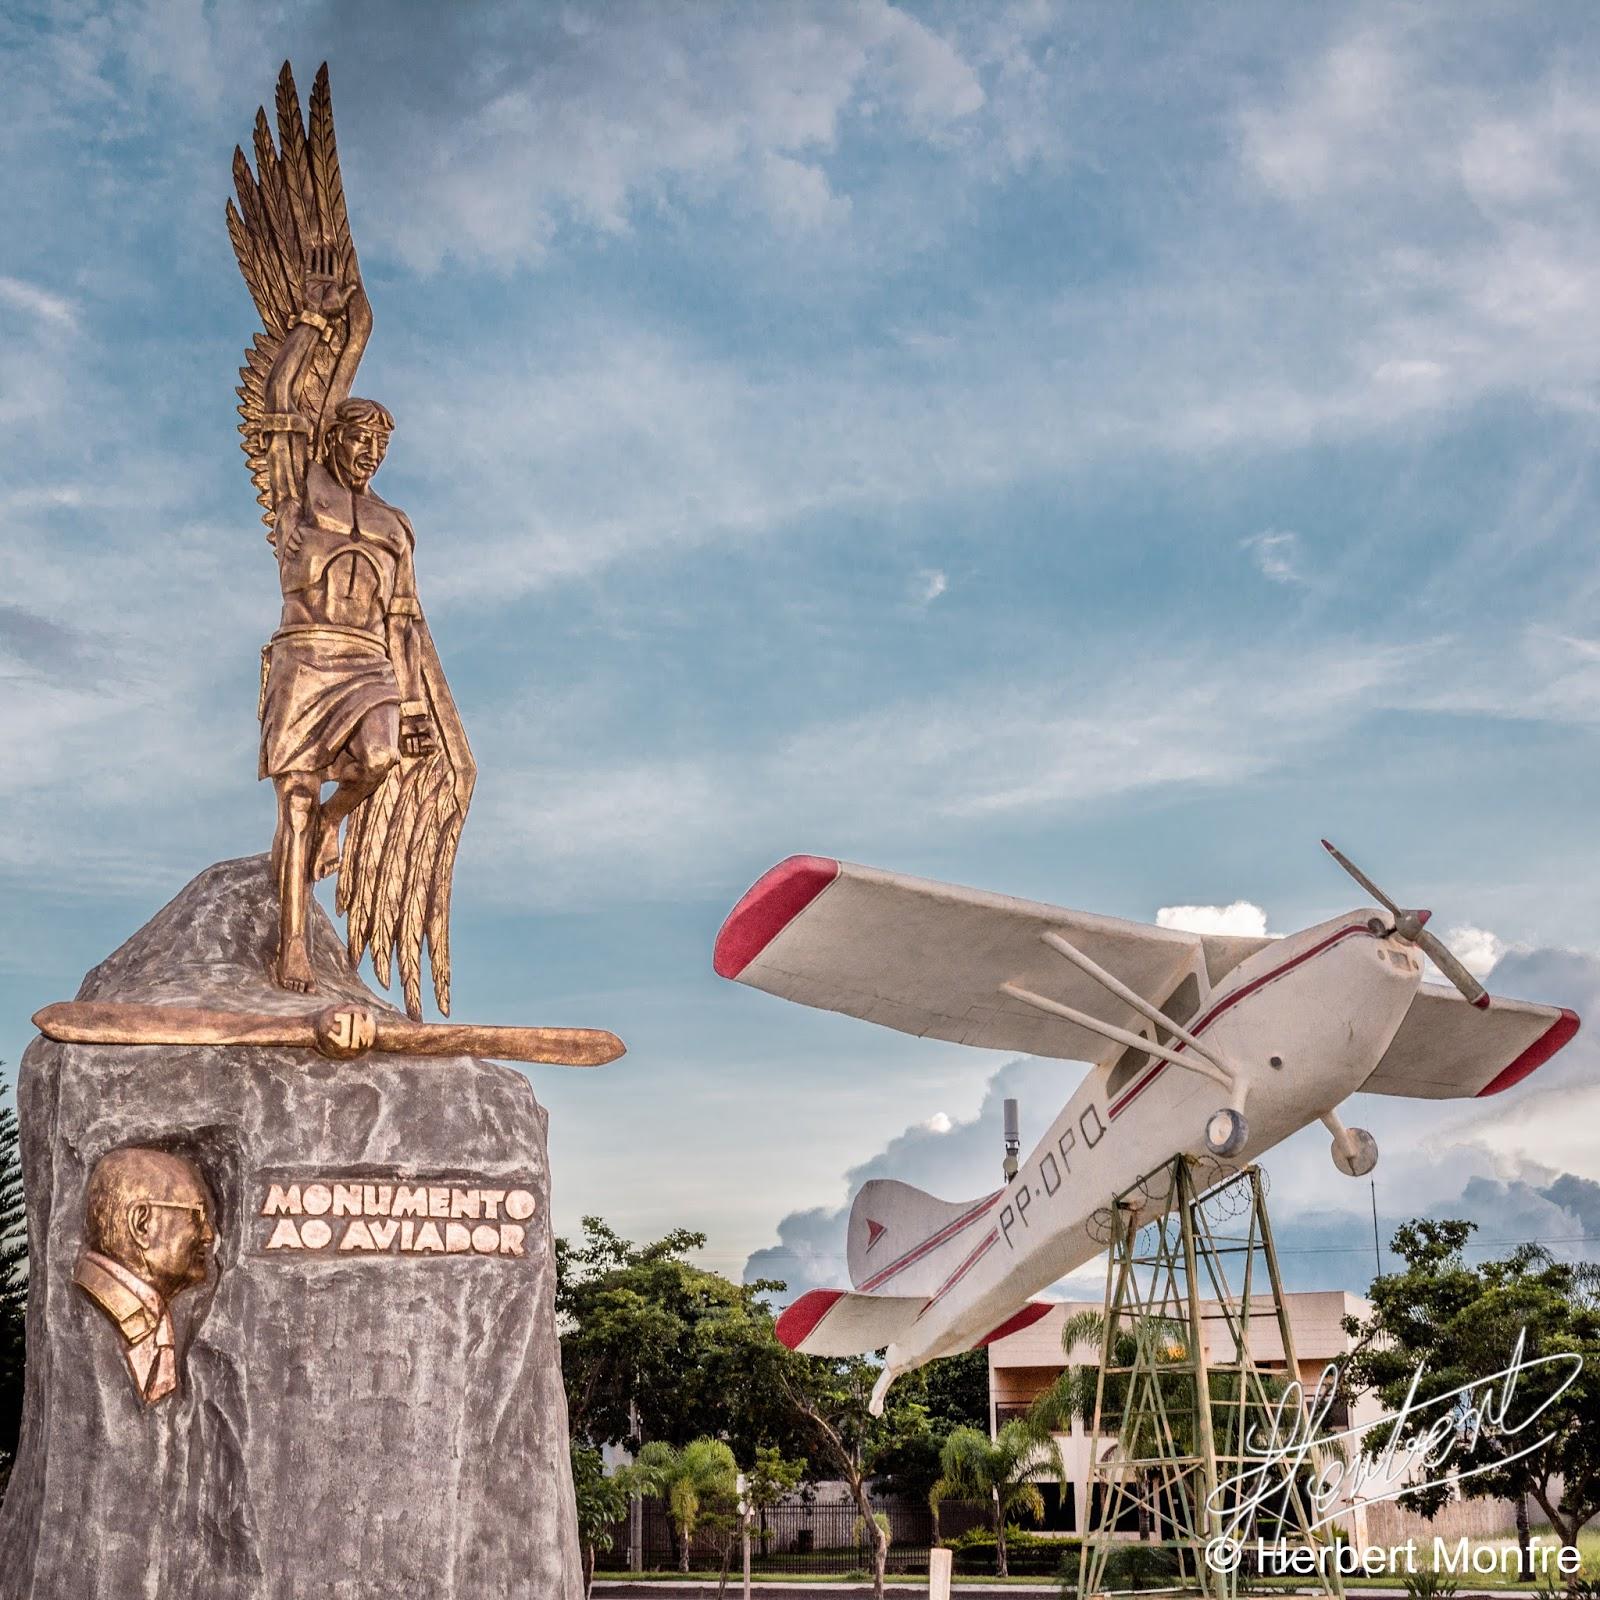 Monumento do Aviador, localizado no centro da cidade de Chapadão do Sul, MS | Foto © Herbert Monfre.